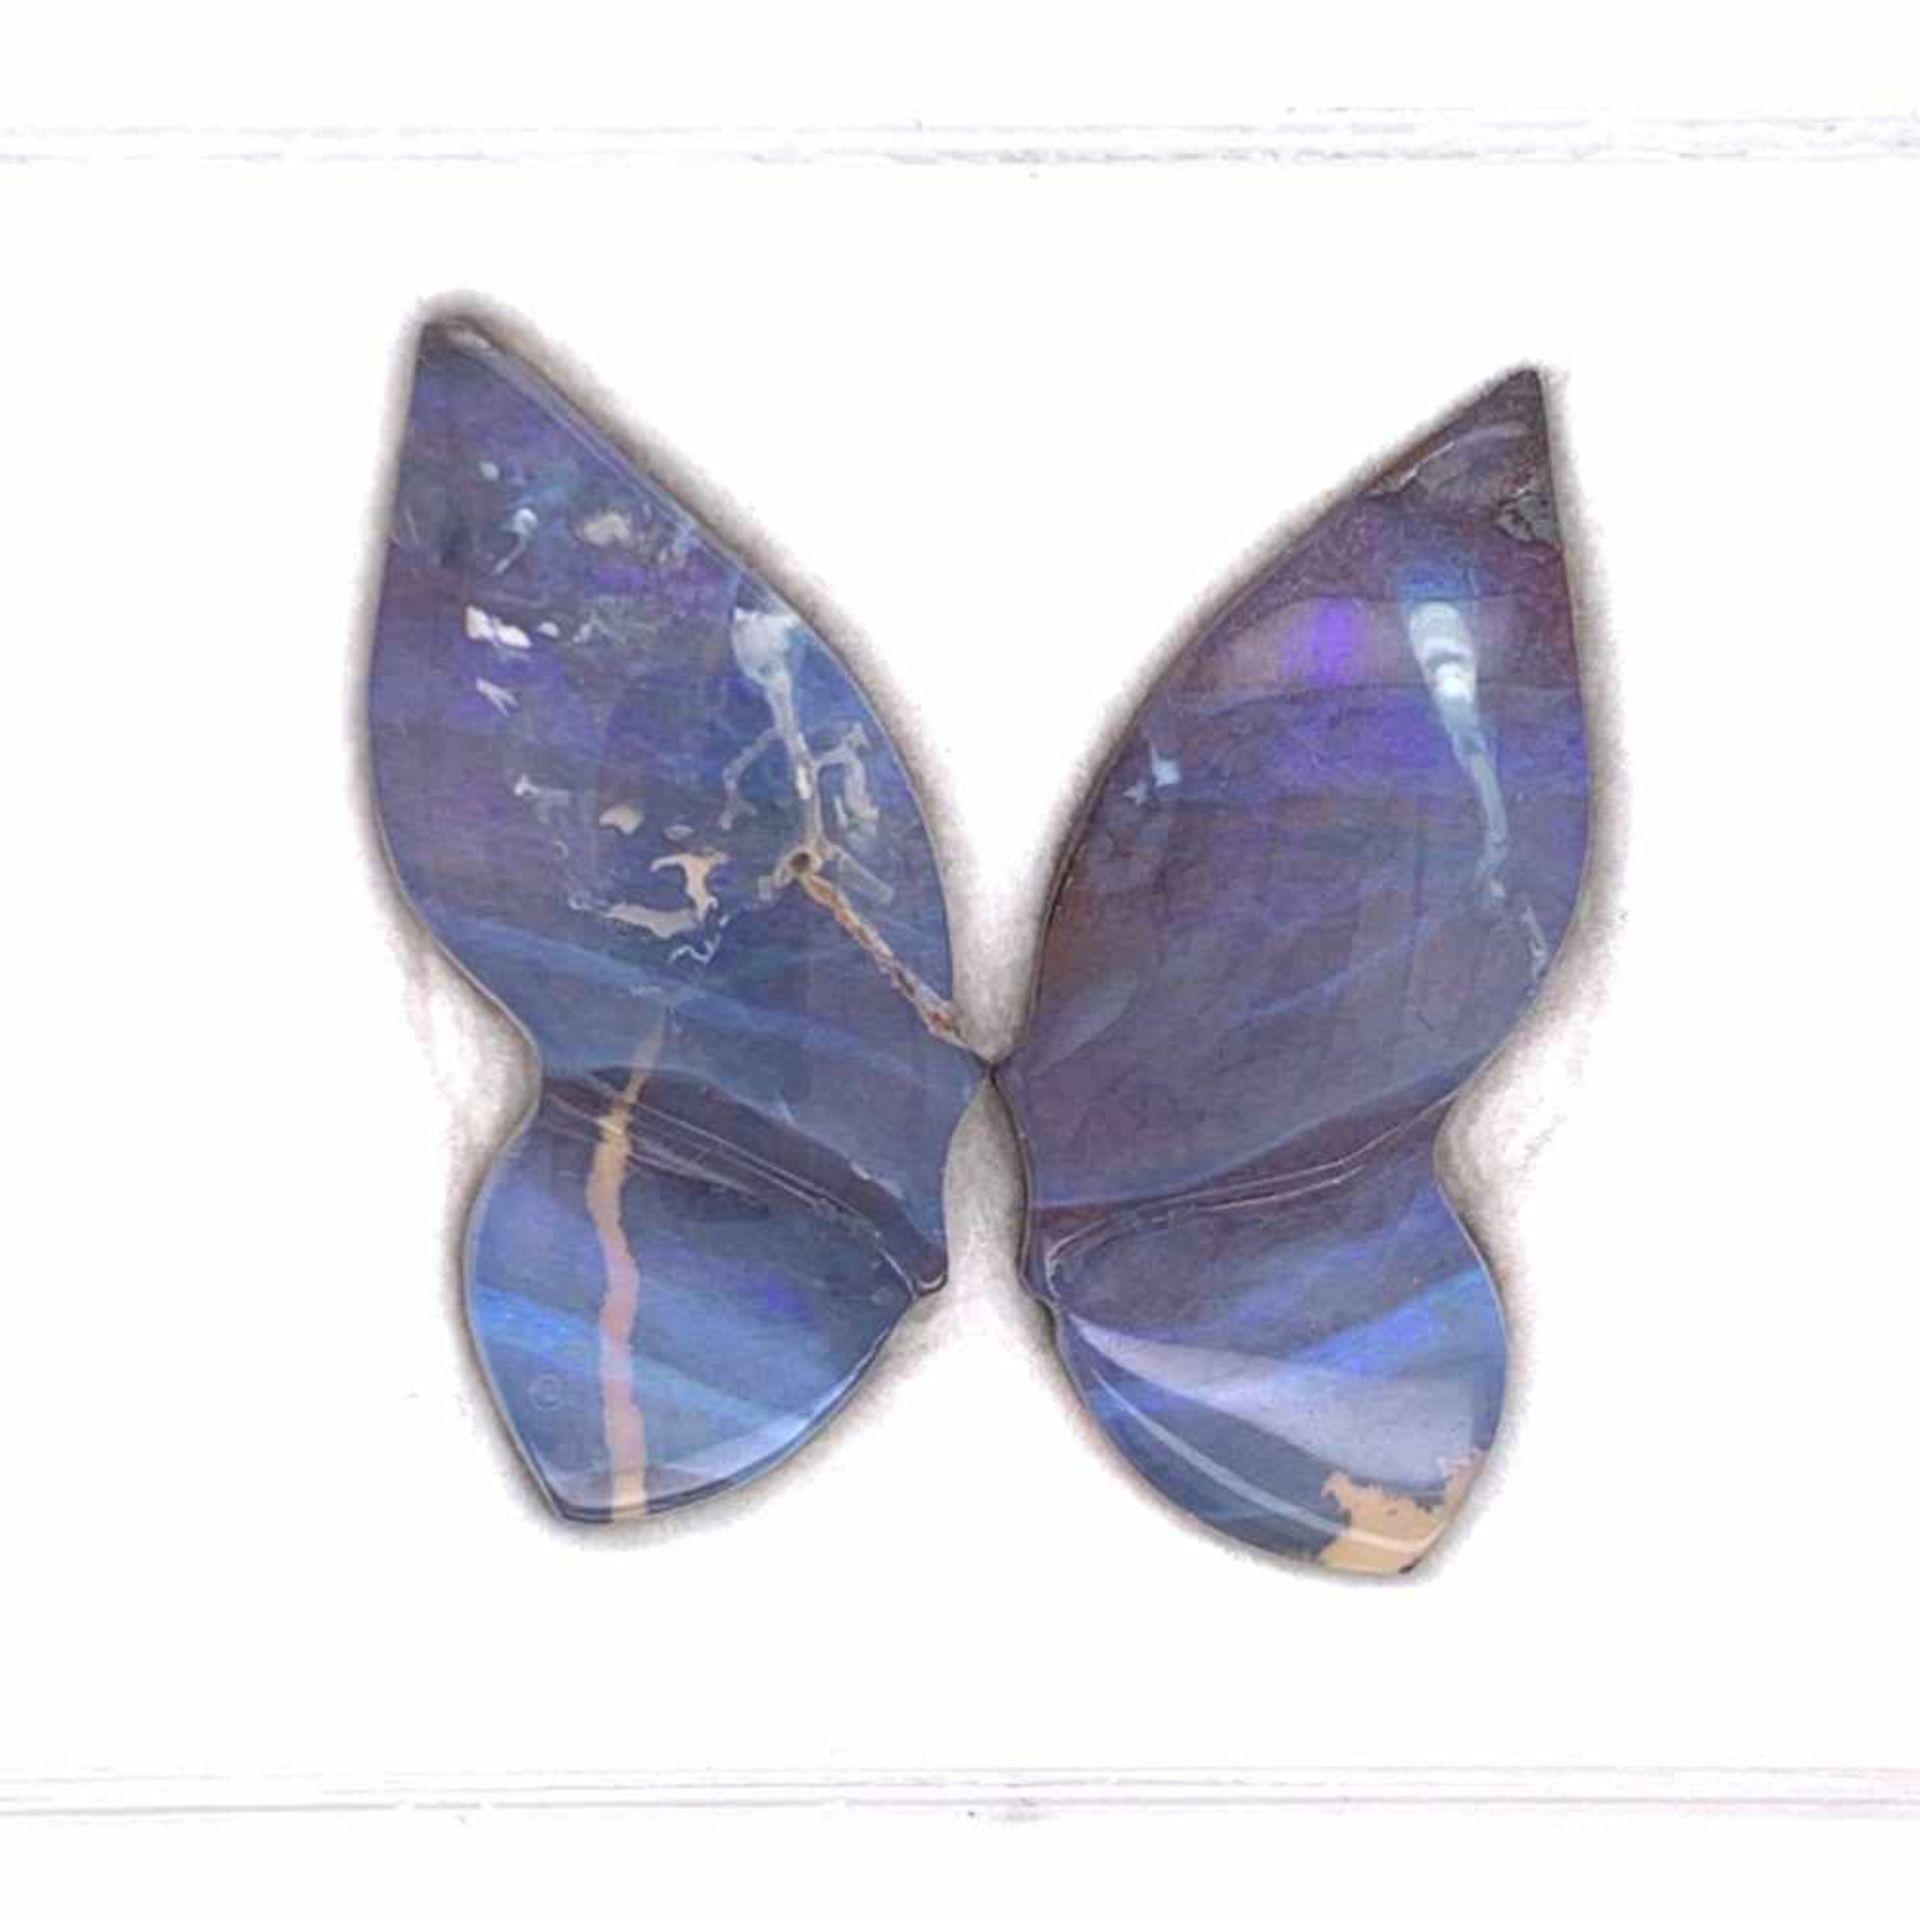 BoulderopalBoulderopal Schmetterlingsschliff zweiteilig 16,06 ct